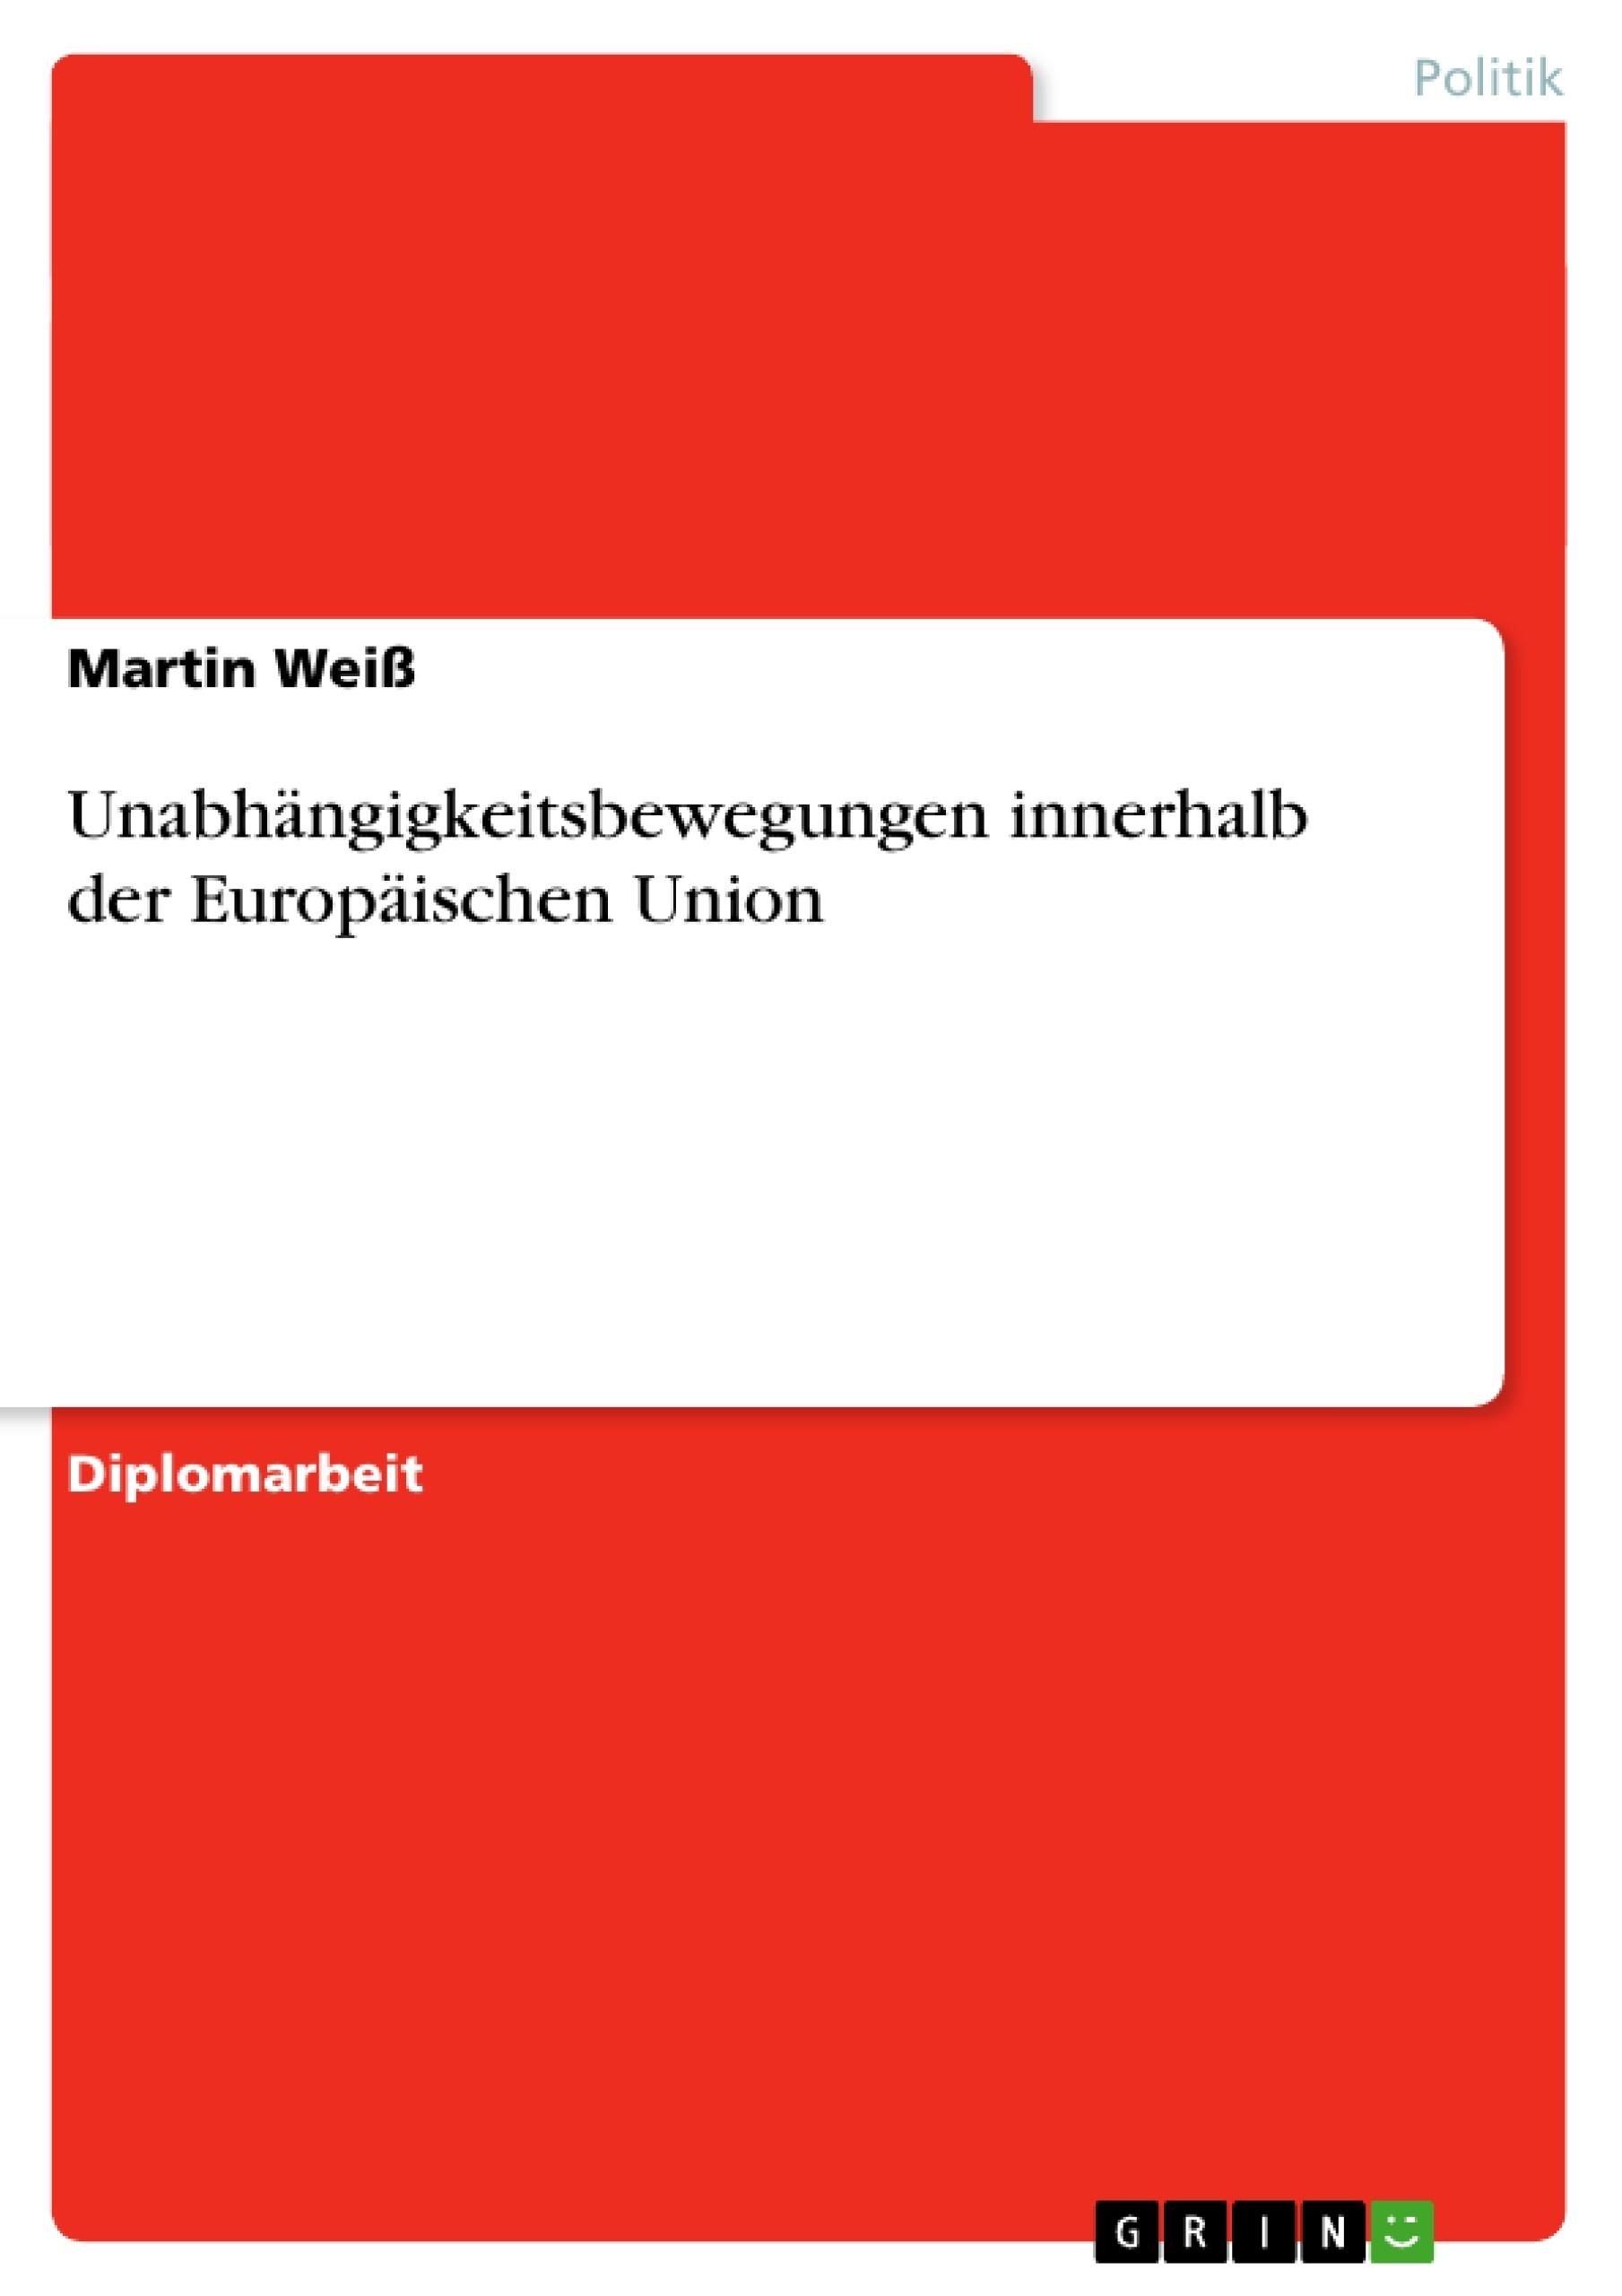 Titel: Unabhängigkeitsbewegungen innerhalb der Europäischen Union